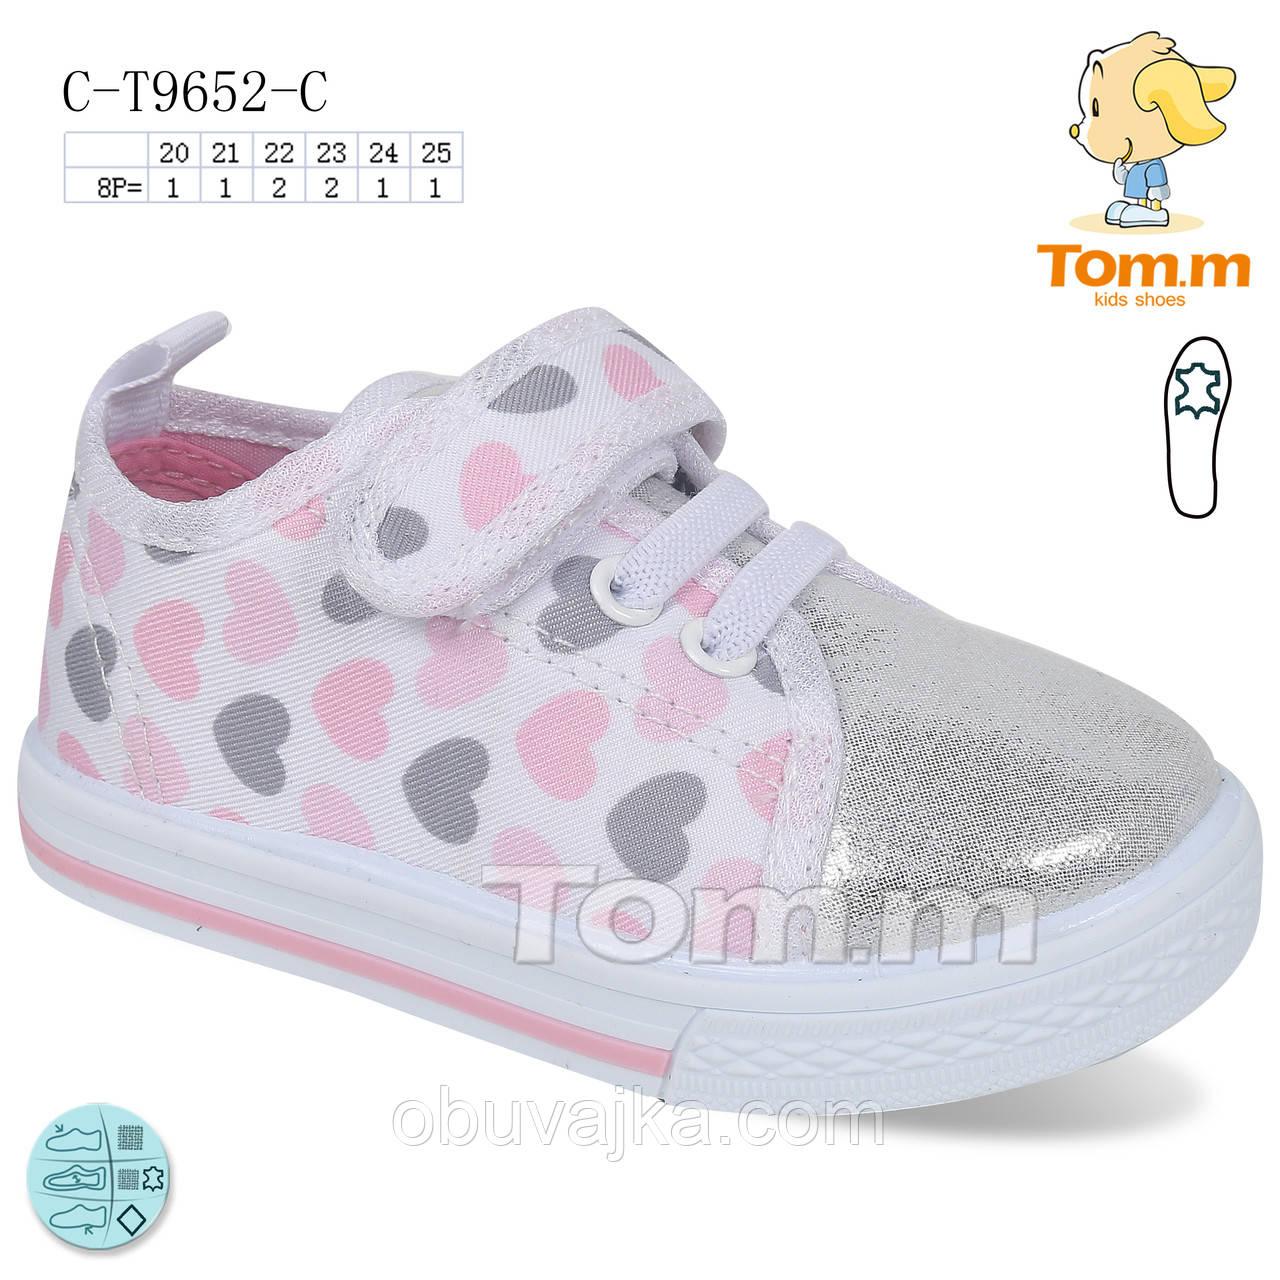 Детские моднявые кеды 2021 от фирмы Tom m (рр 20-25)